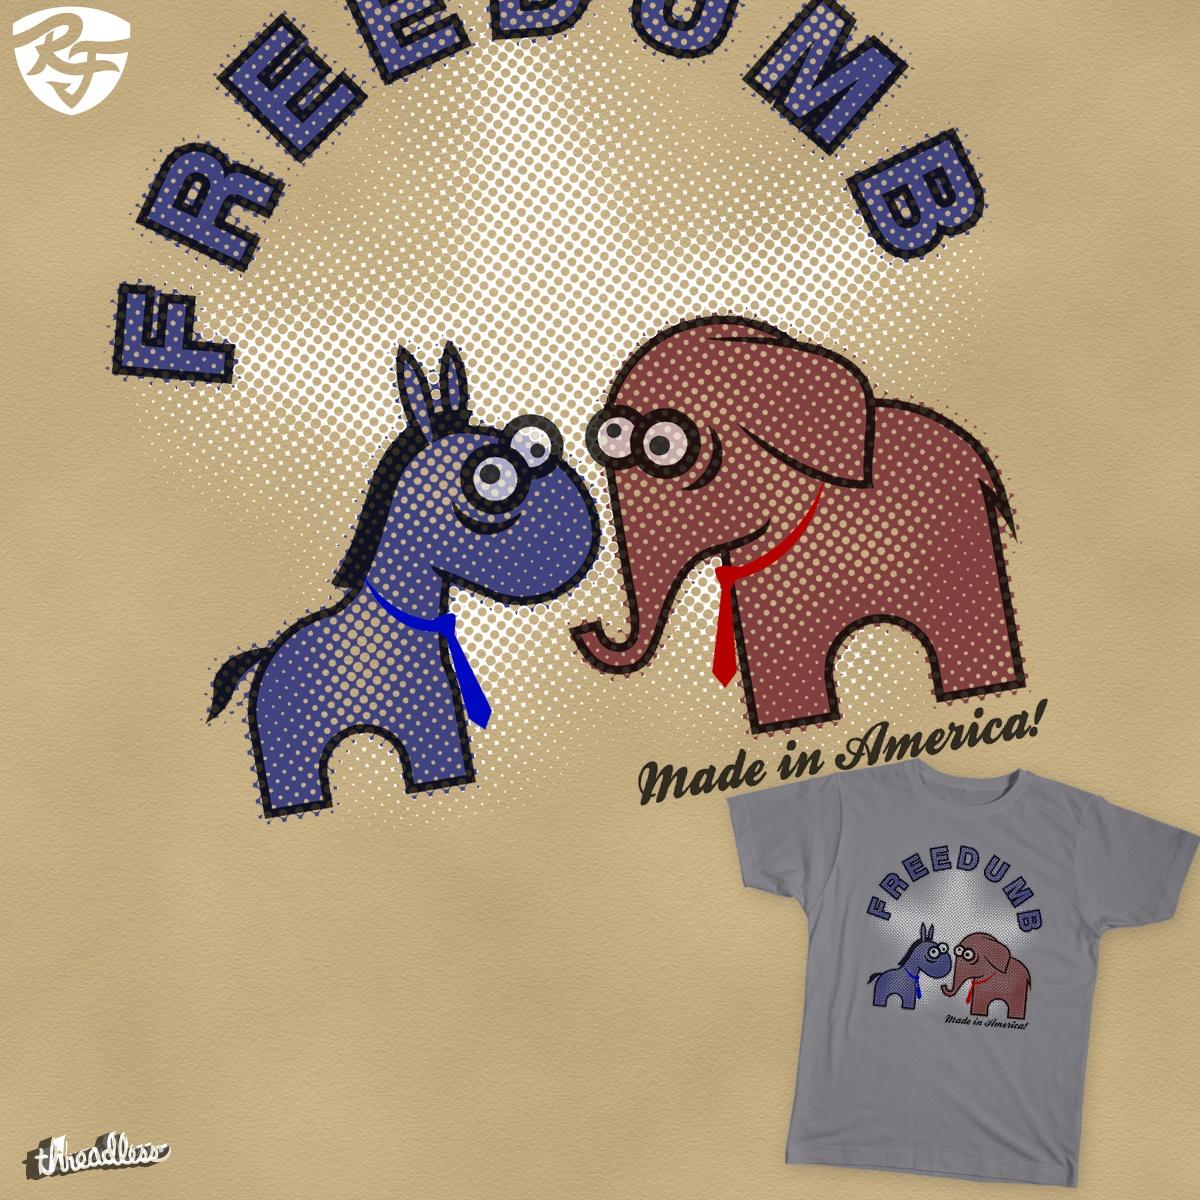 Freedumb by Foxwilleau on Threadless